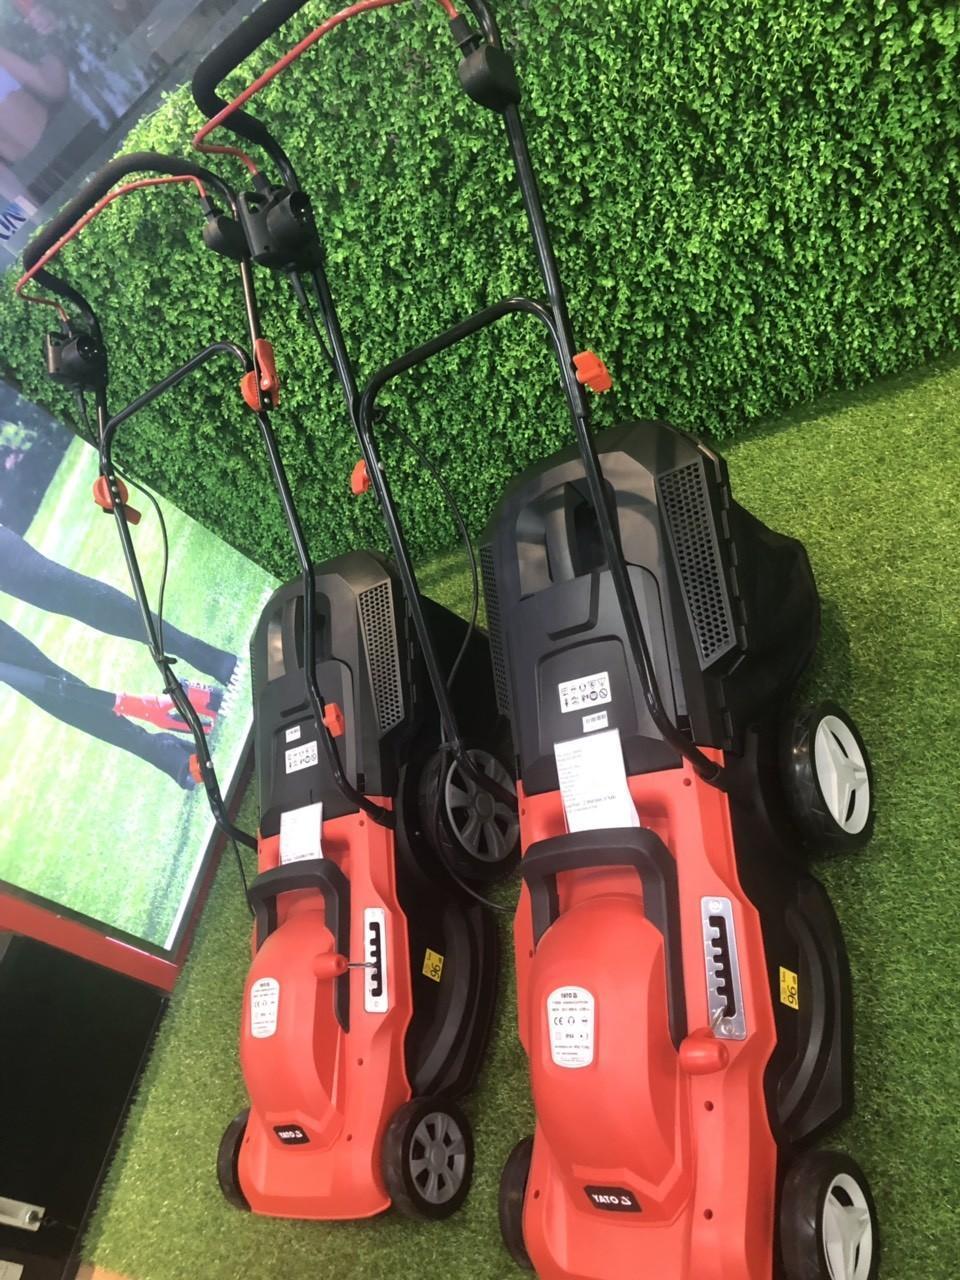 Máy cắt cỏ đẩy tay bằng điện Yato 2000W YT-85208, máy xén cỏ, máy cắt cỏ cho sân gofl, sân vườn